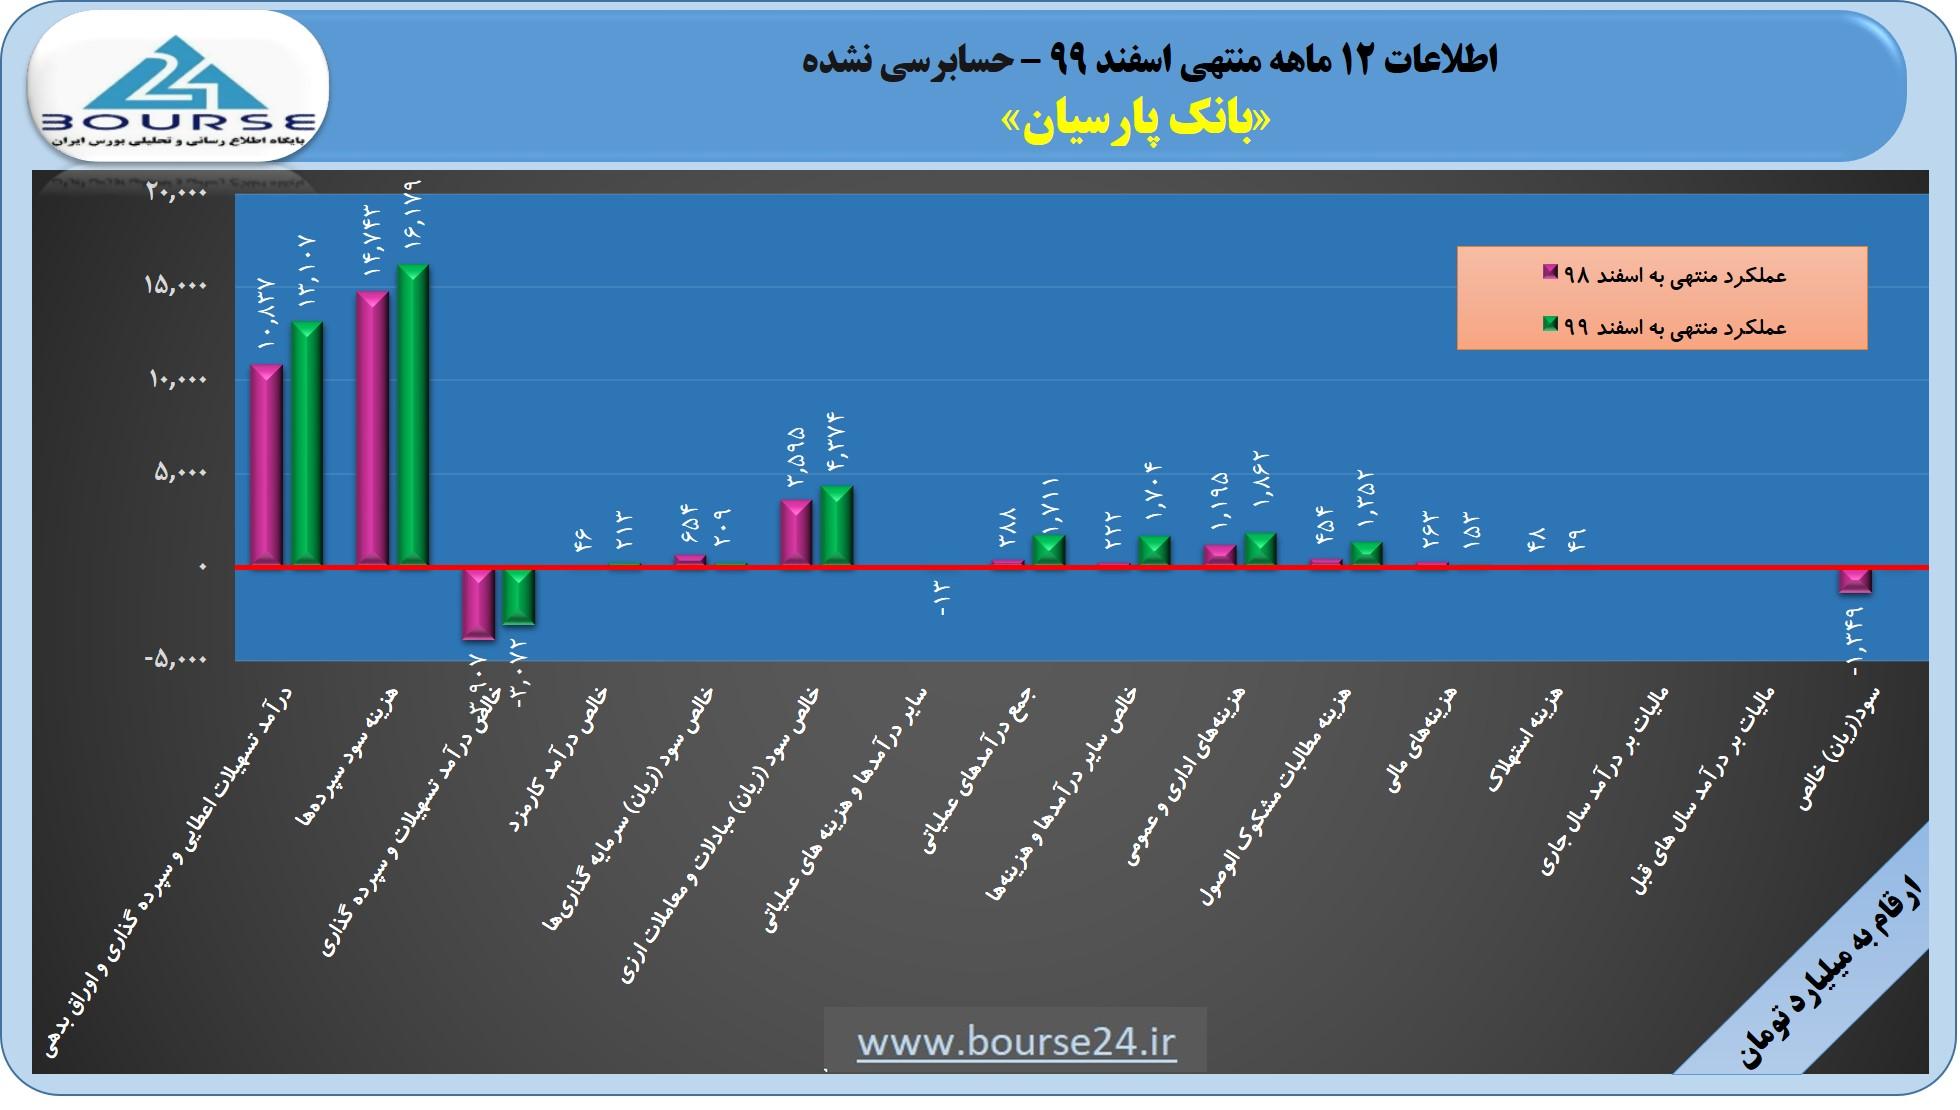 بانک پارسیان در ١٢ ماهه چه کرد؟